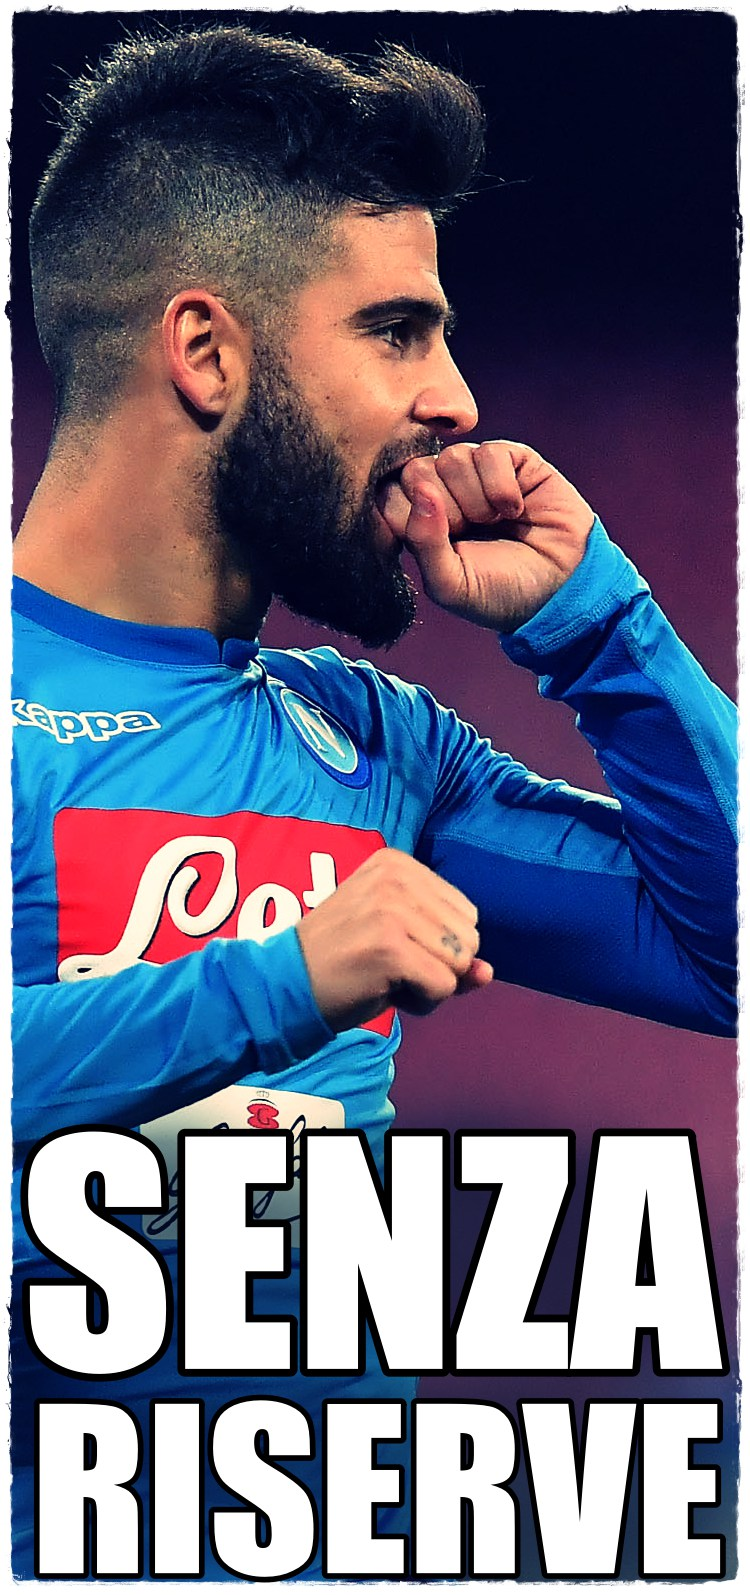 Napoli vs Udinese - Tim Cup